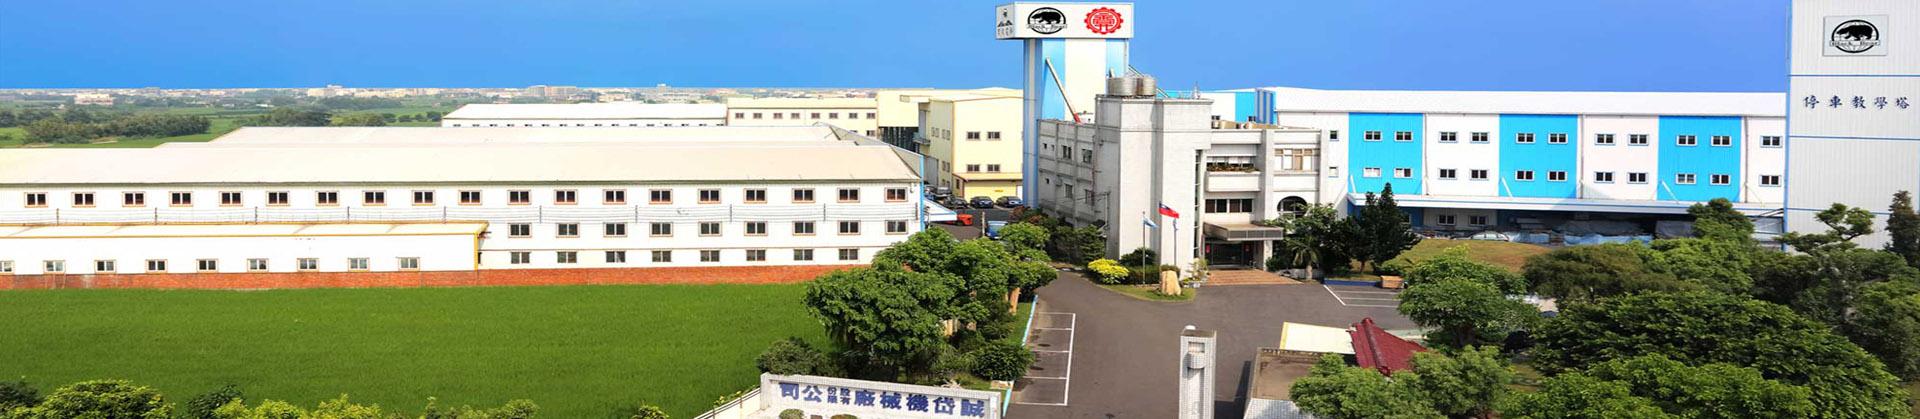 台湾黑熊电动葫芦工厂